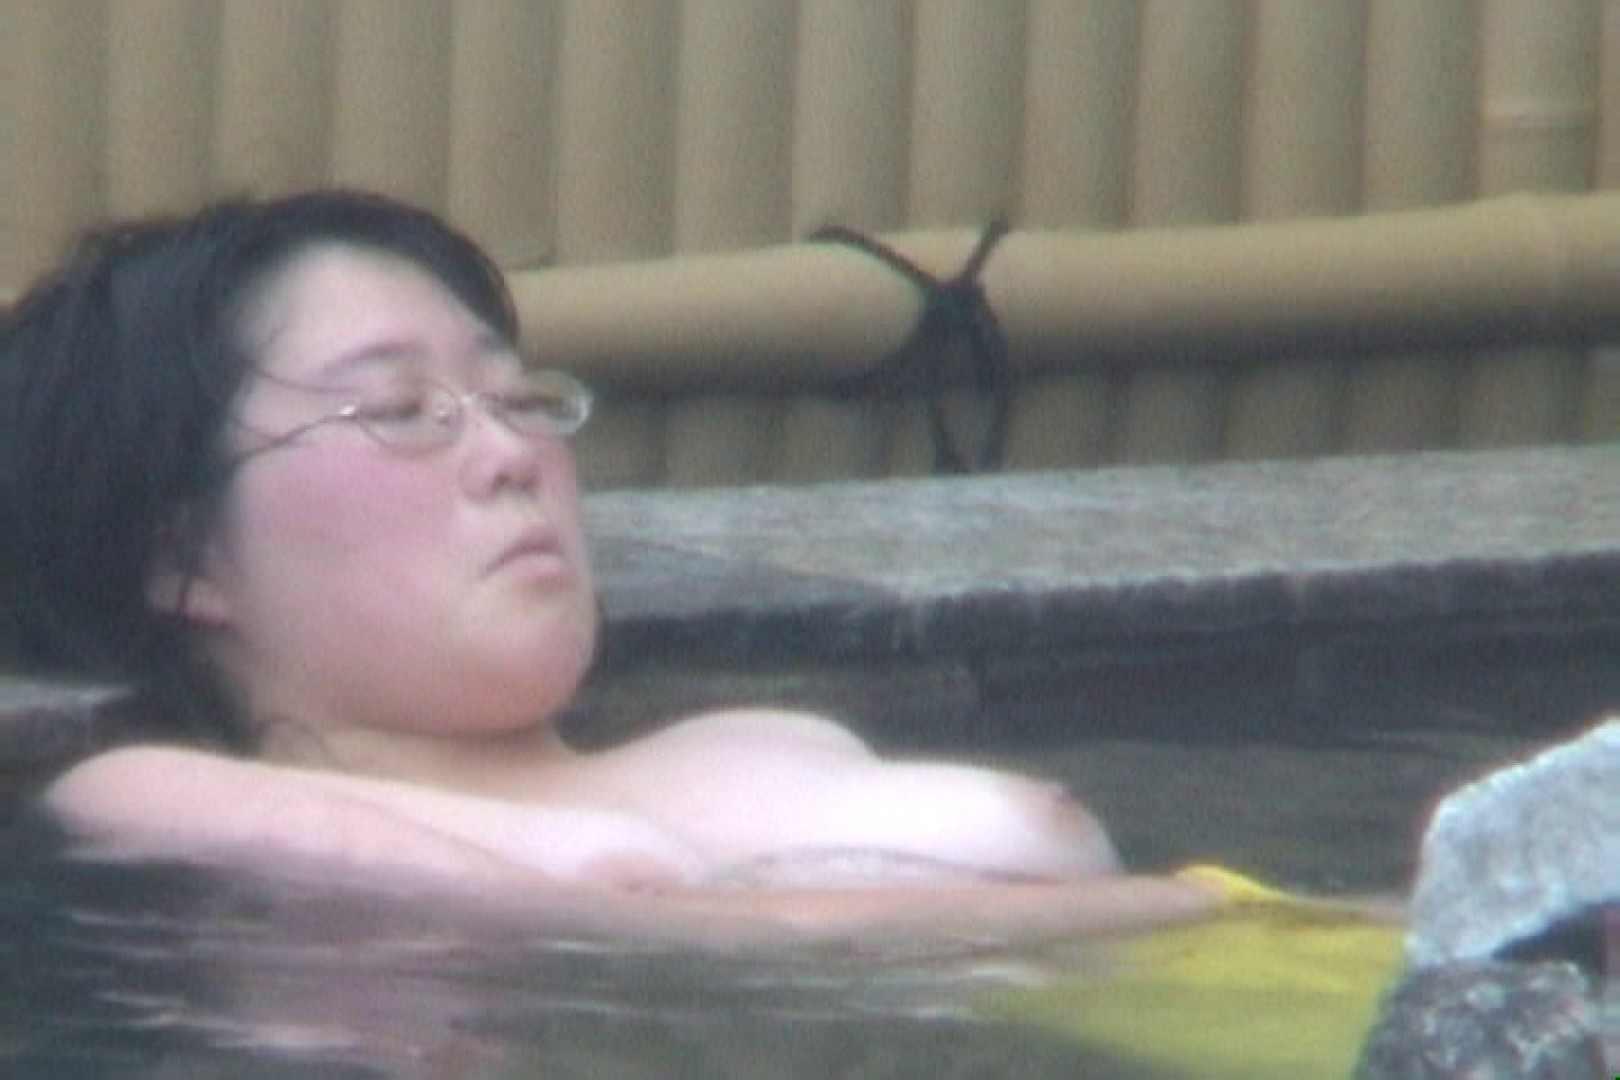 Aquaな露天風呂Vol.46【VIP限定】 盗撮大放出   0  66連発 9